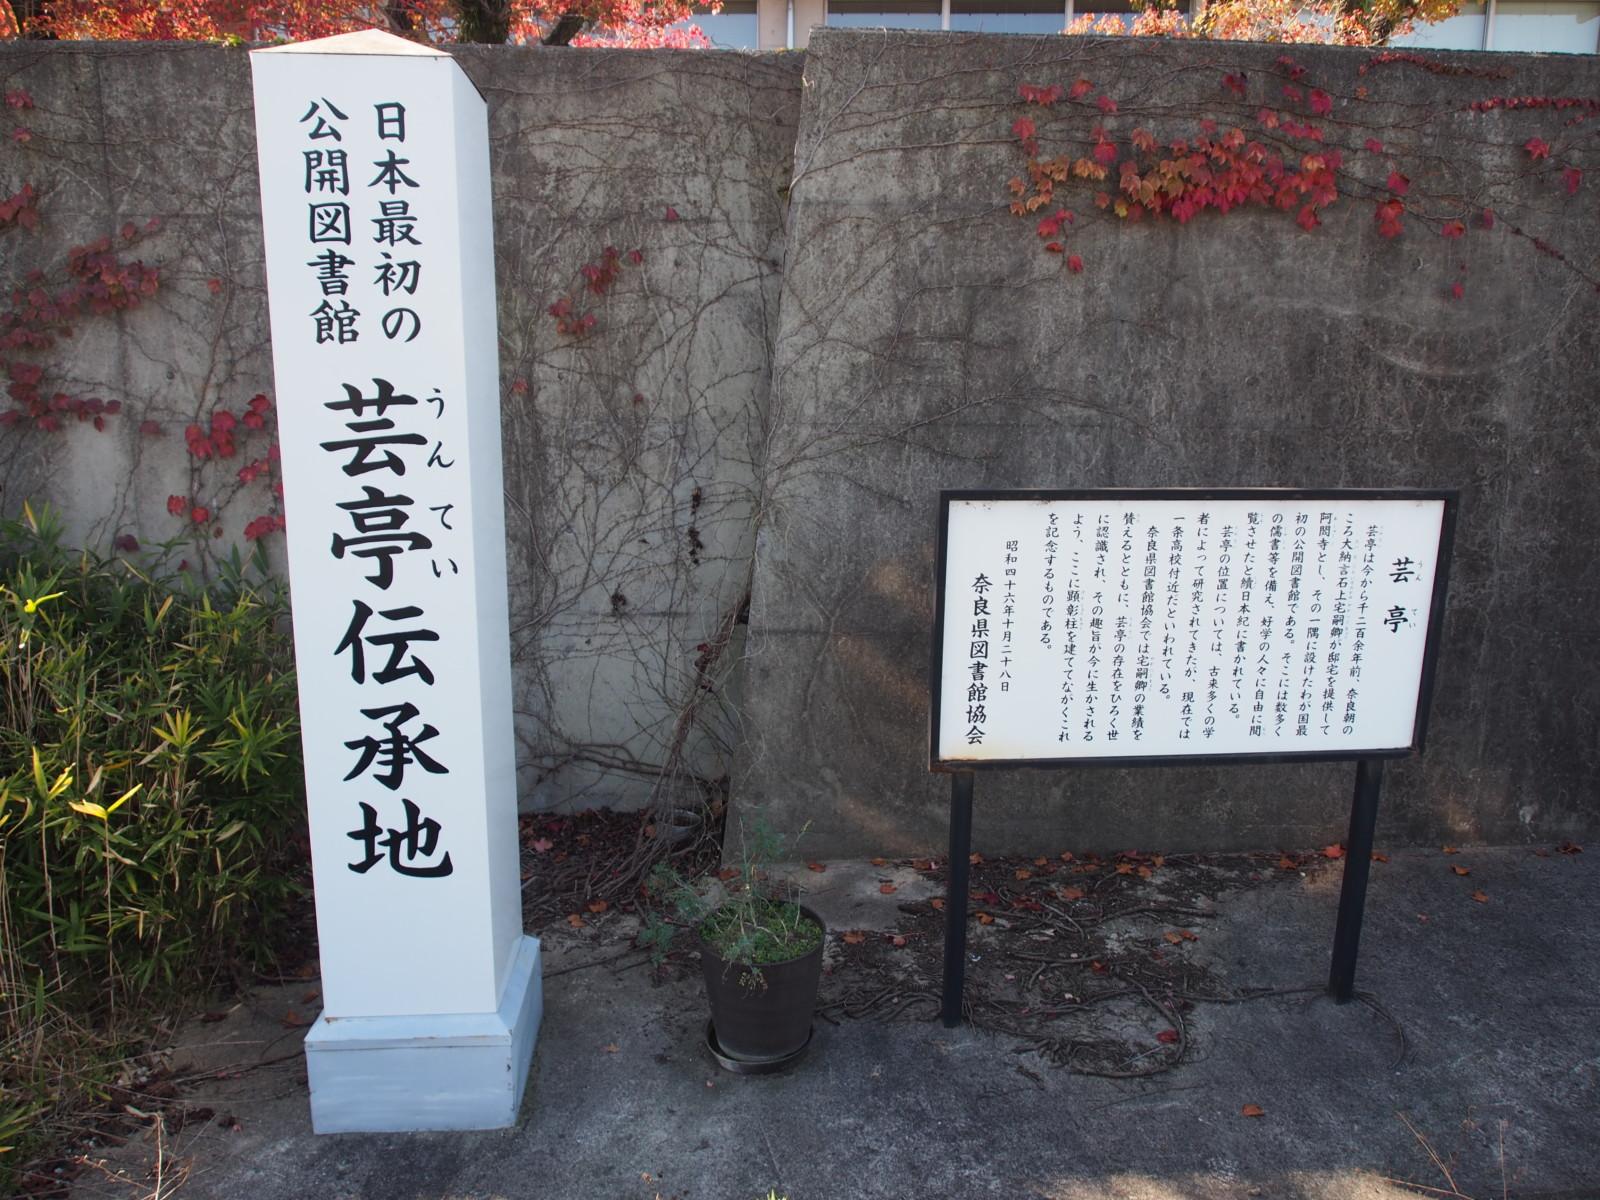 日本最初の公開図書館「芸亭伝承地」